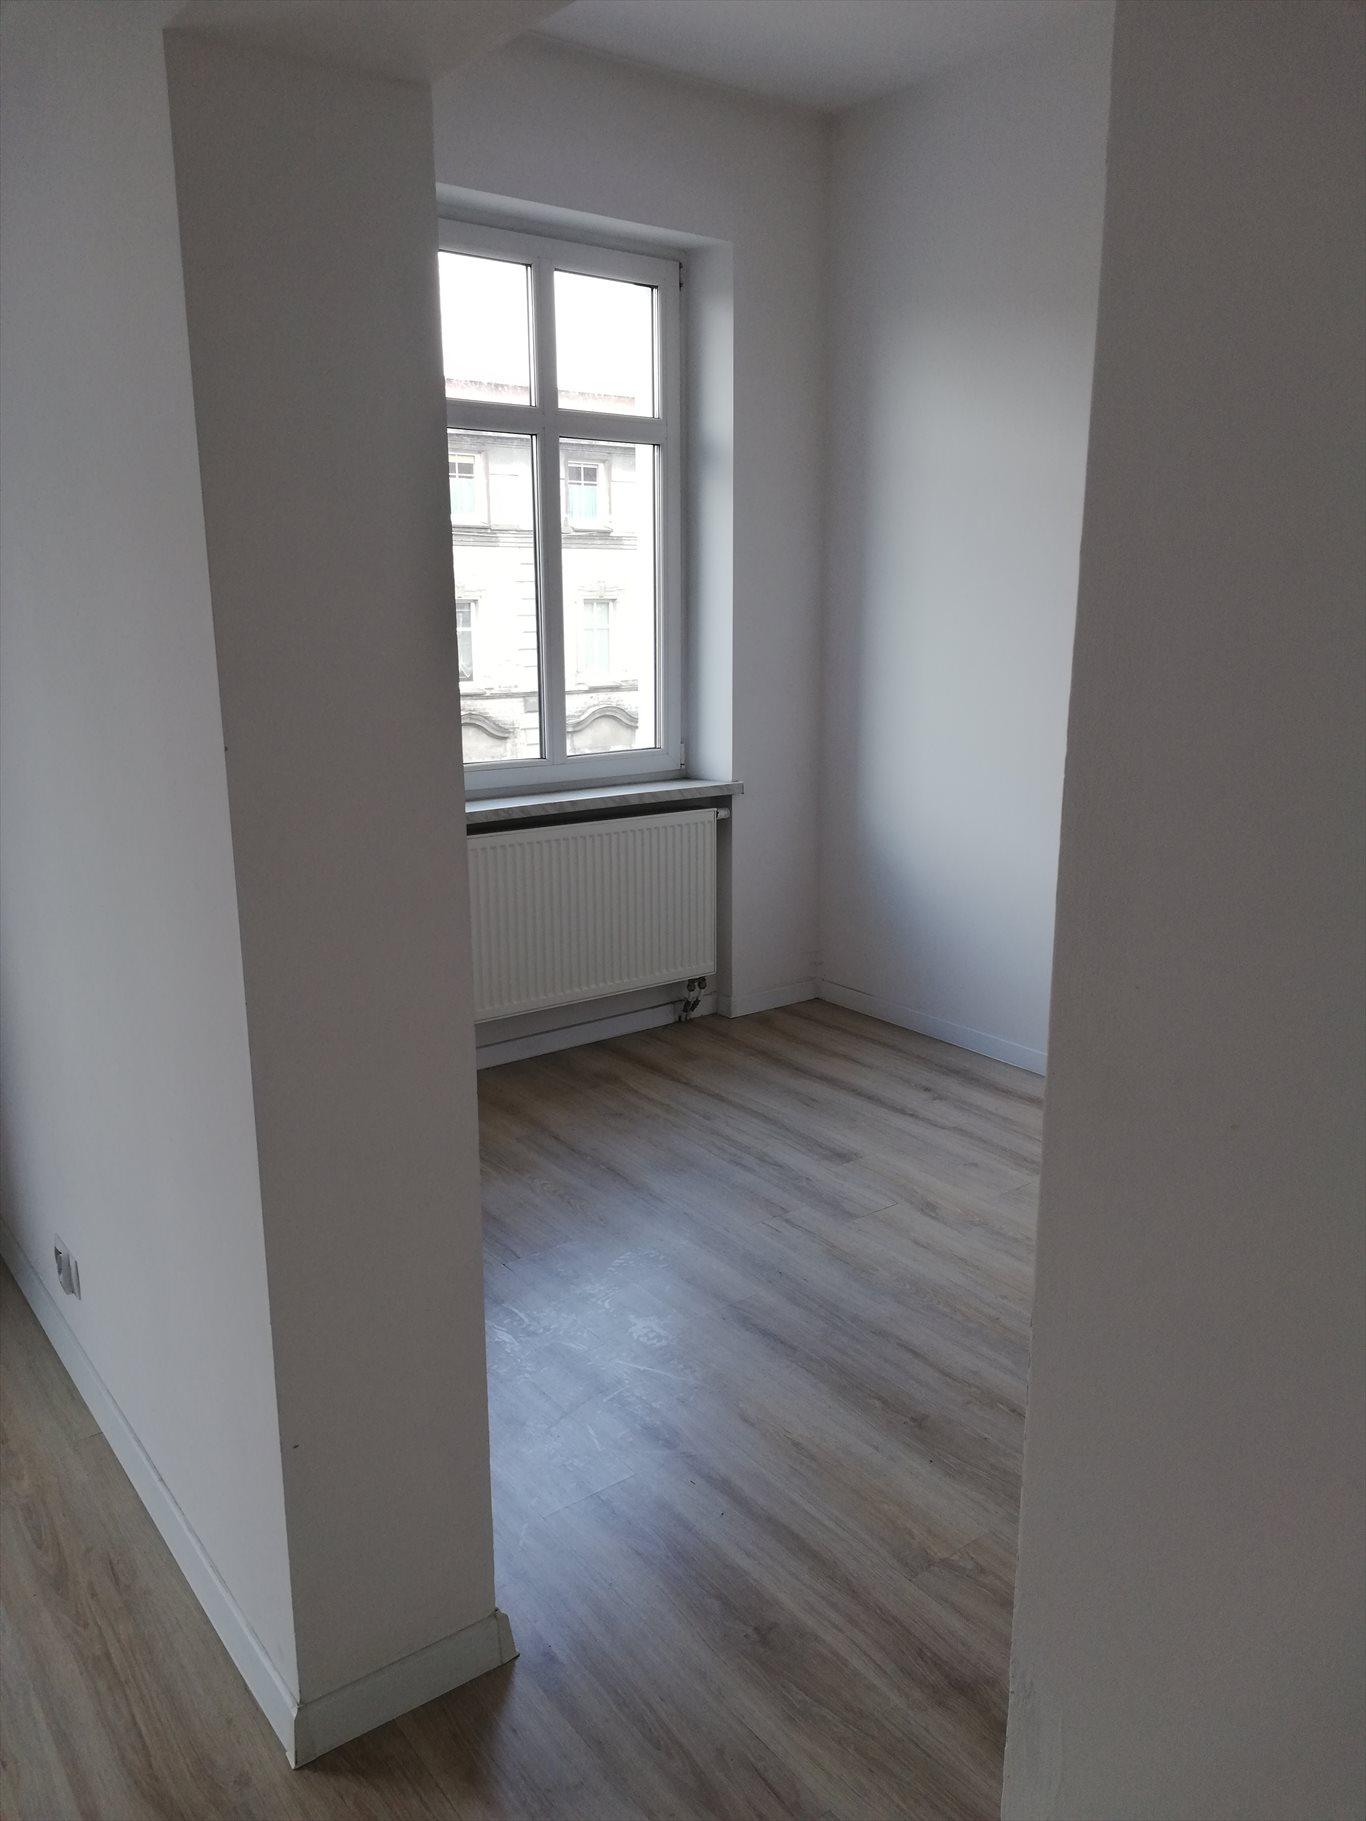 Mieszkanie dwupokojowe na wynajem Piekary Śląskie, Szarlej  37m2 Foto 2